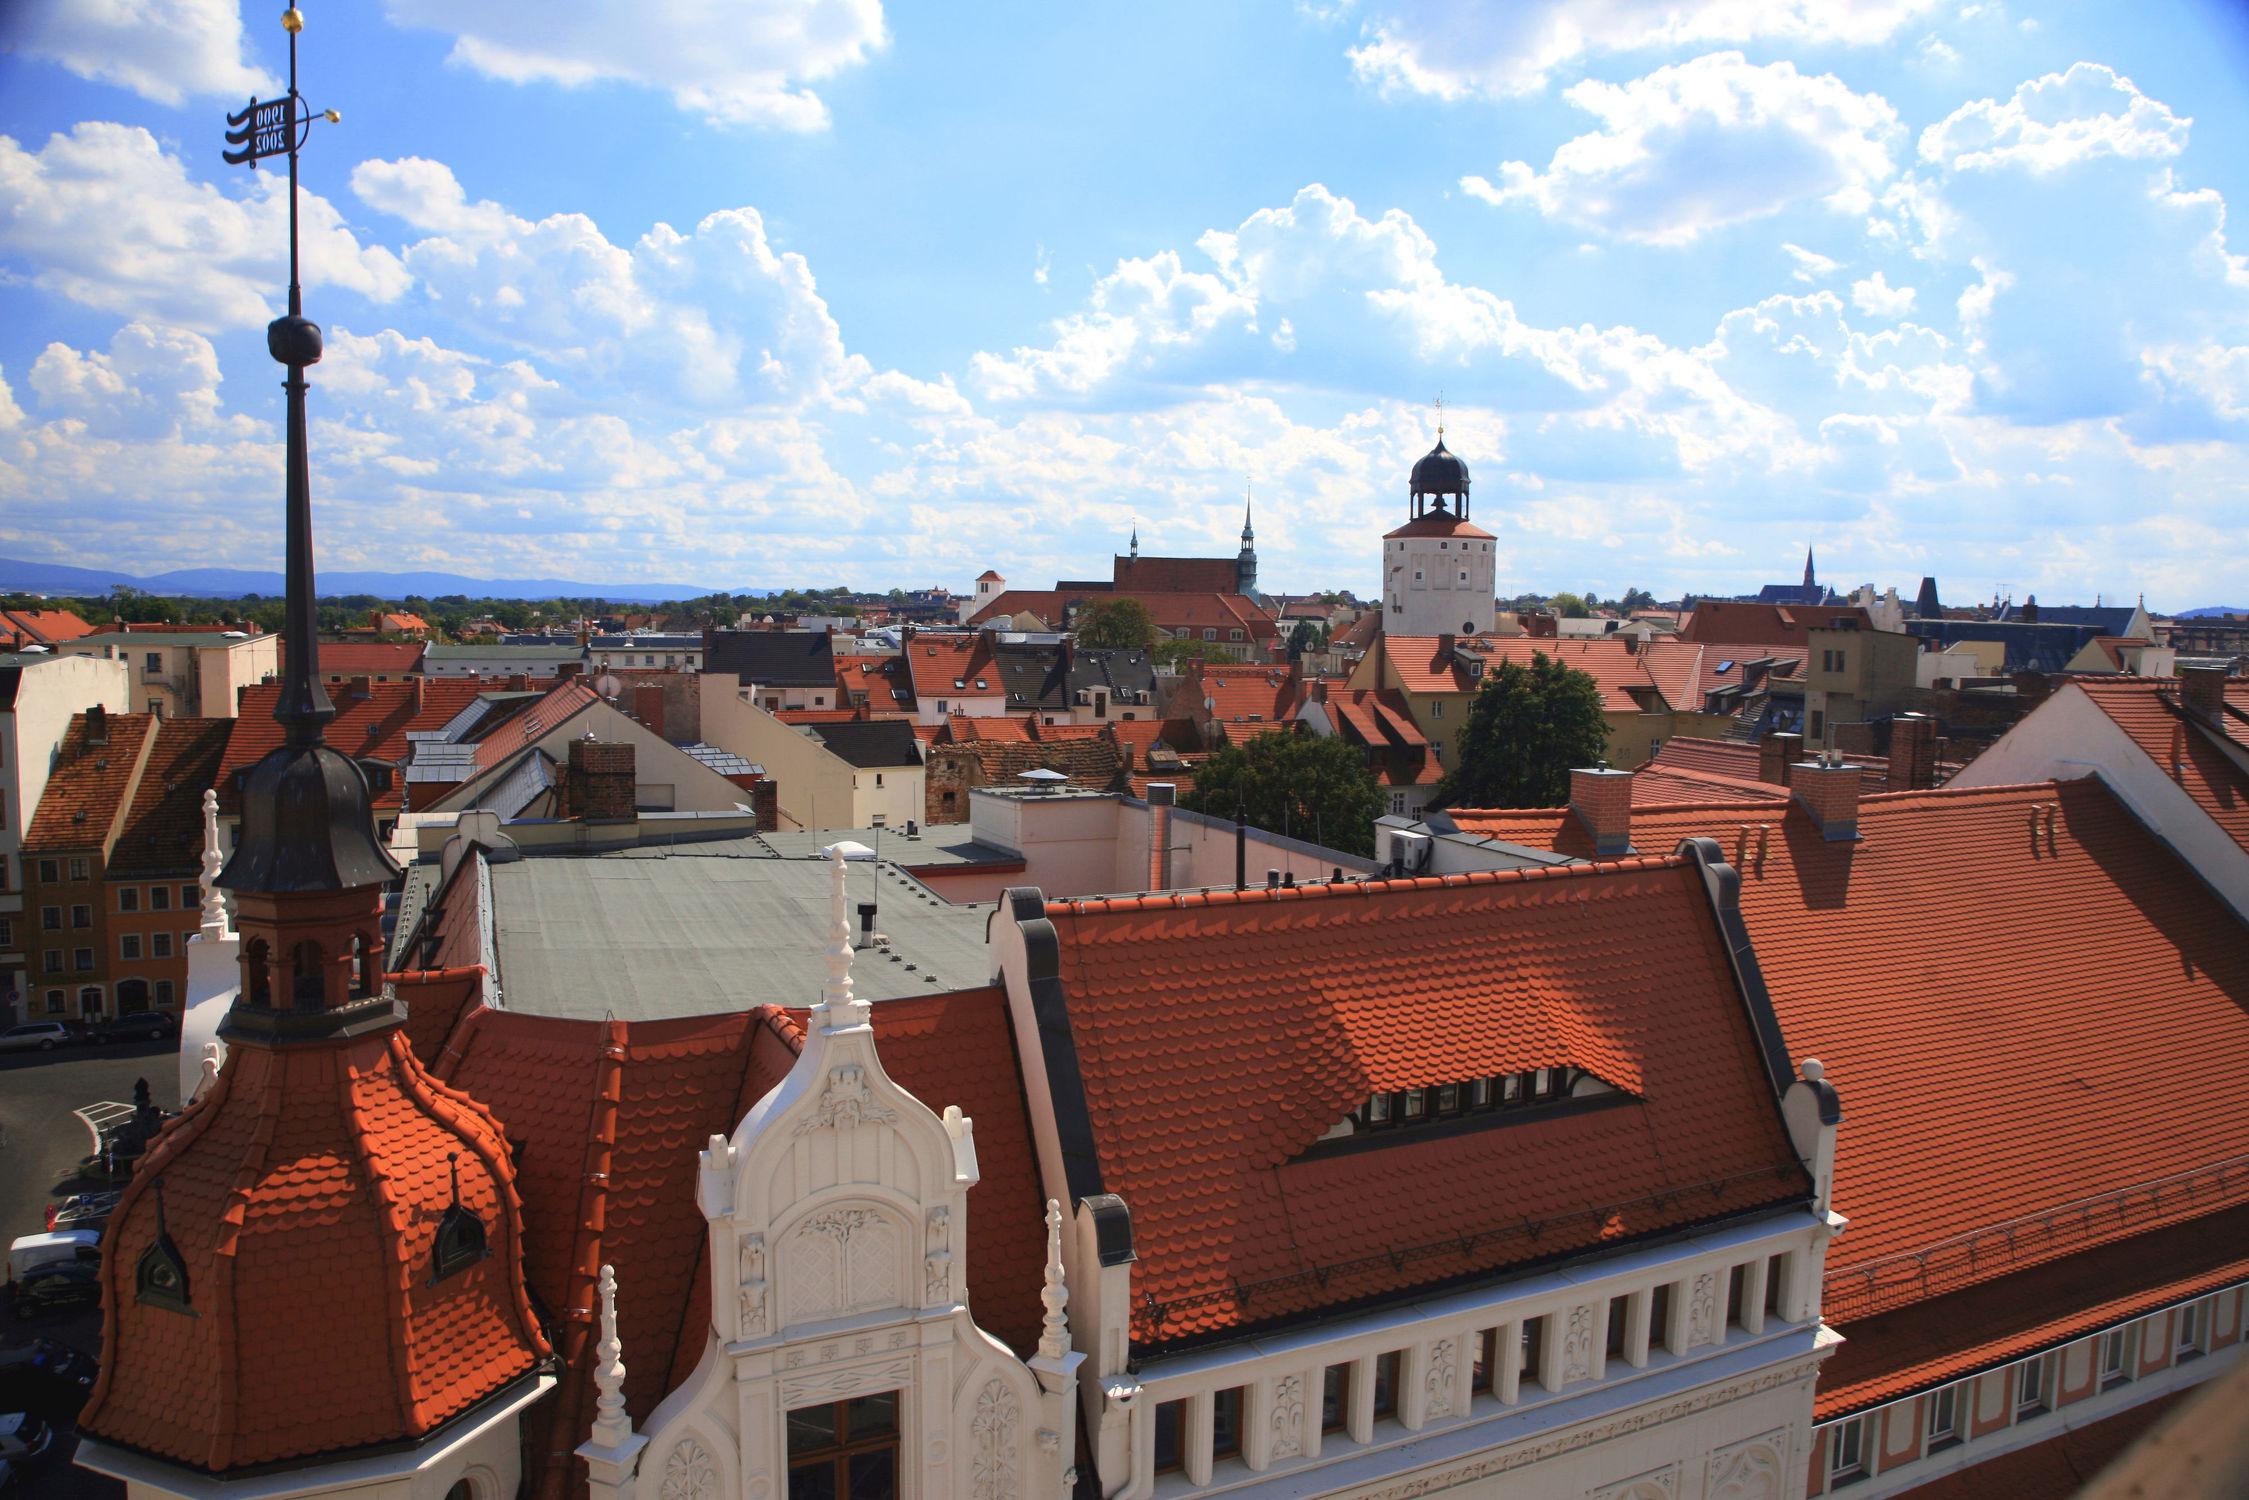 Bild mit Gebäude, Häuser, Haus, Stadt, Görlitz, Altstadt, historische Altstadt, City, Stadtleben, Görlitzer Altstadt